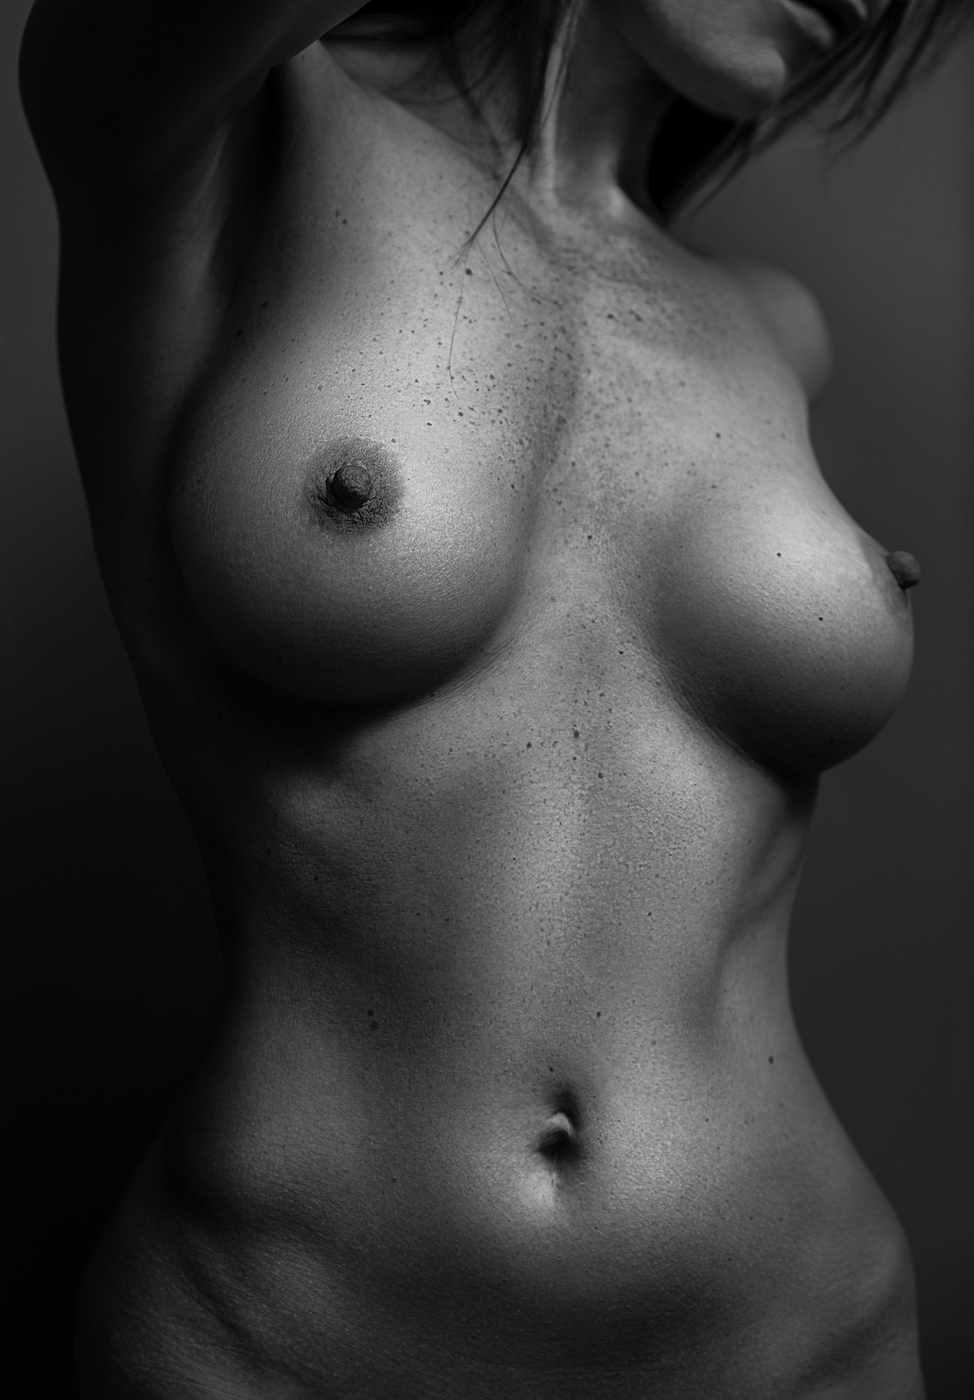 женская грудь 0091.jpg